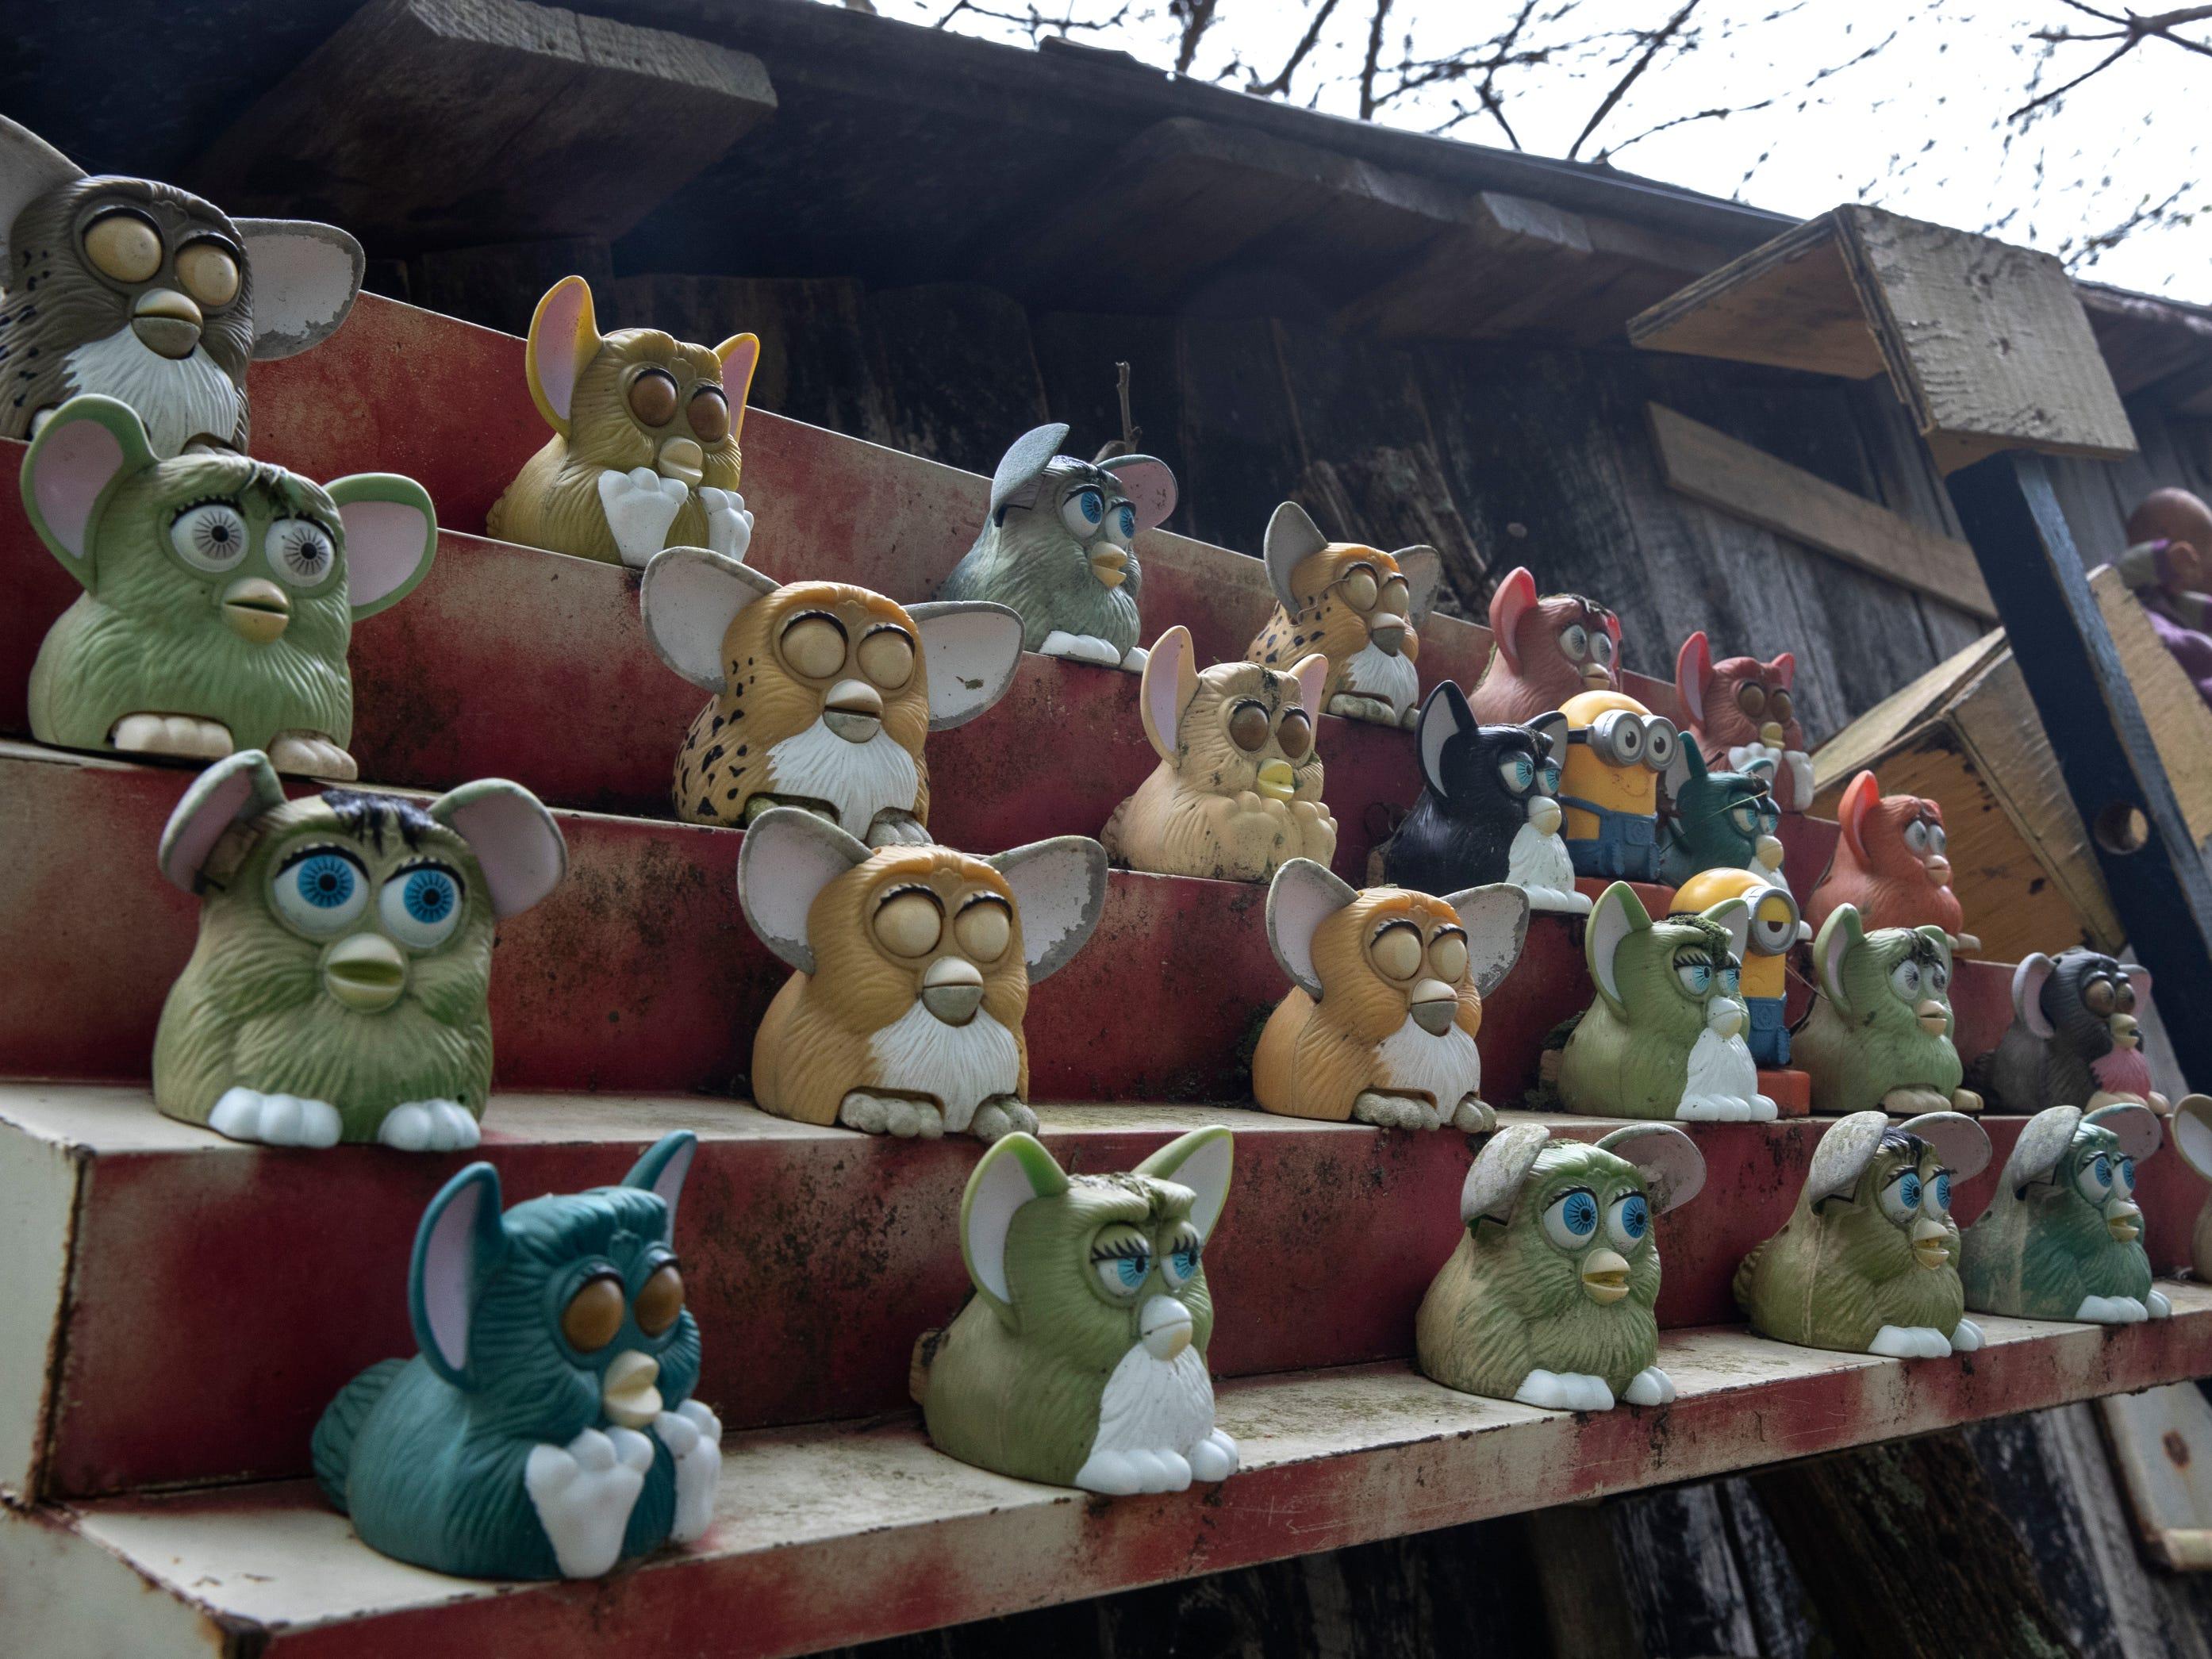 Unwanted Furbys find refuge at the Home for Wayward Babydolls. April 19, 2019.